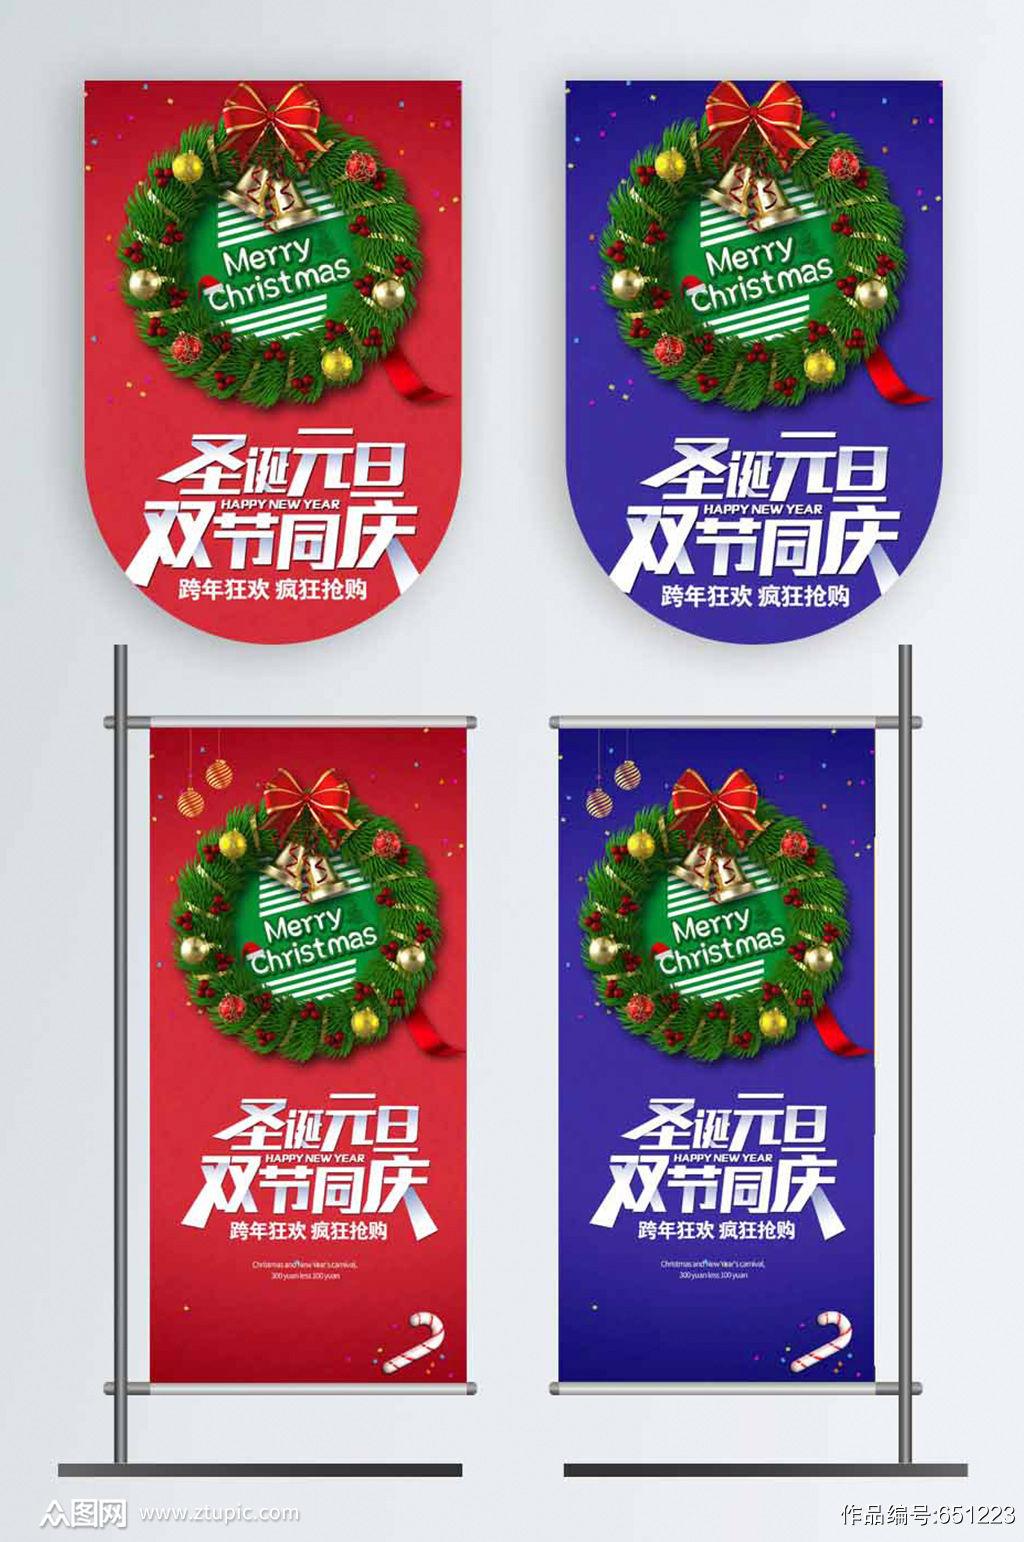 圣诞节元旦节狂欢购注水道旗吊旗素材